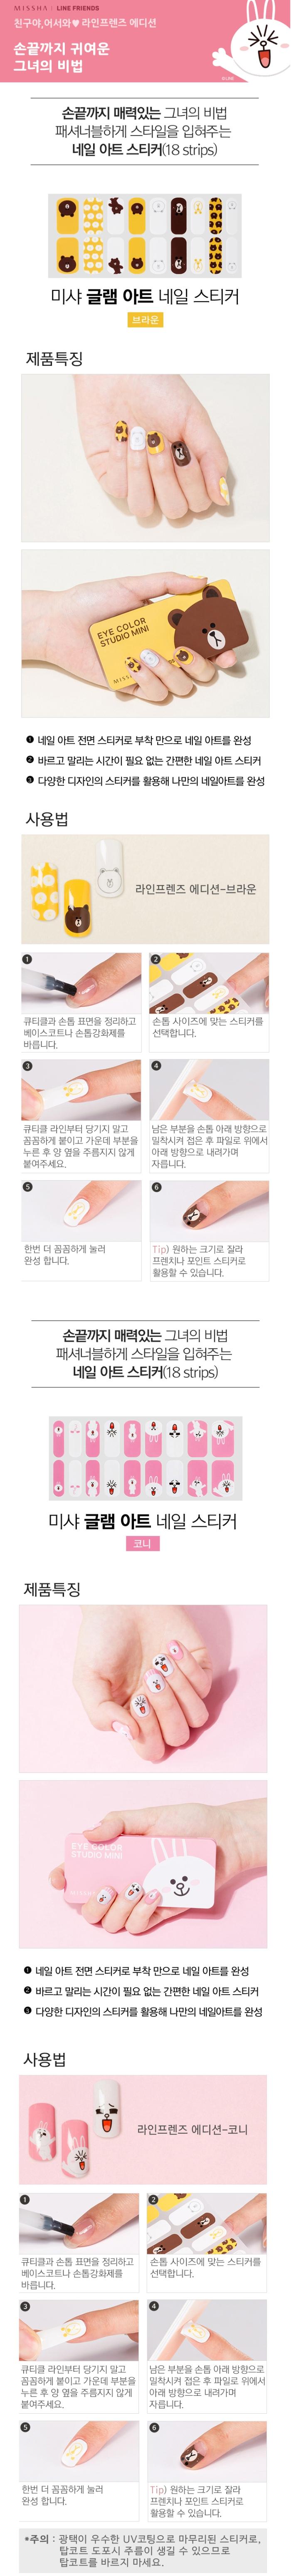 Missha x Line Friends - Glam Art Nail Stickers